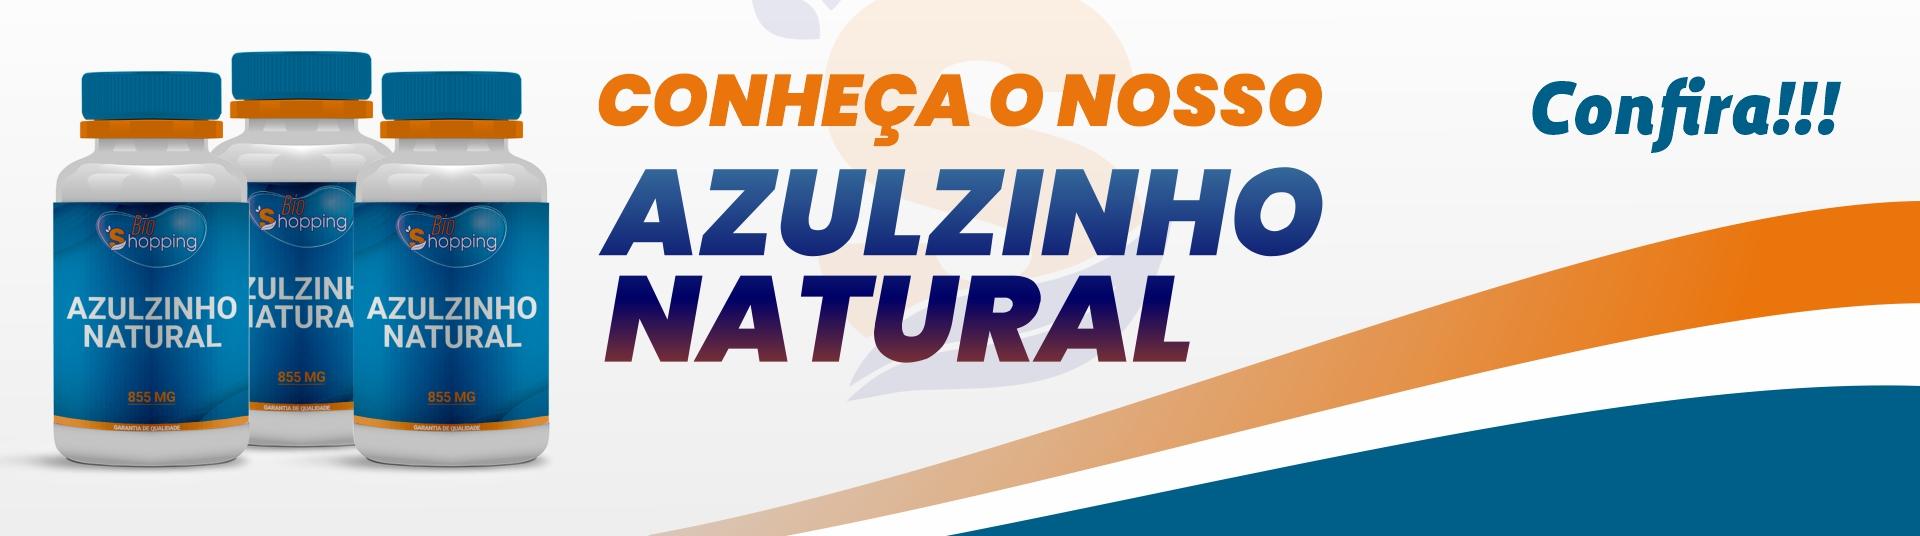 AZULZINHO NATURAL